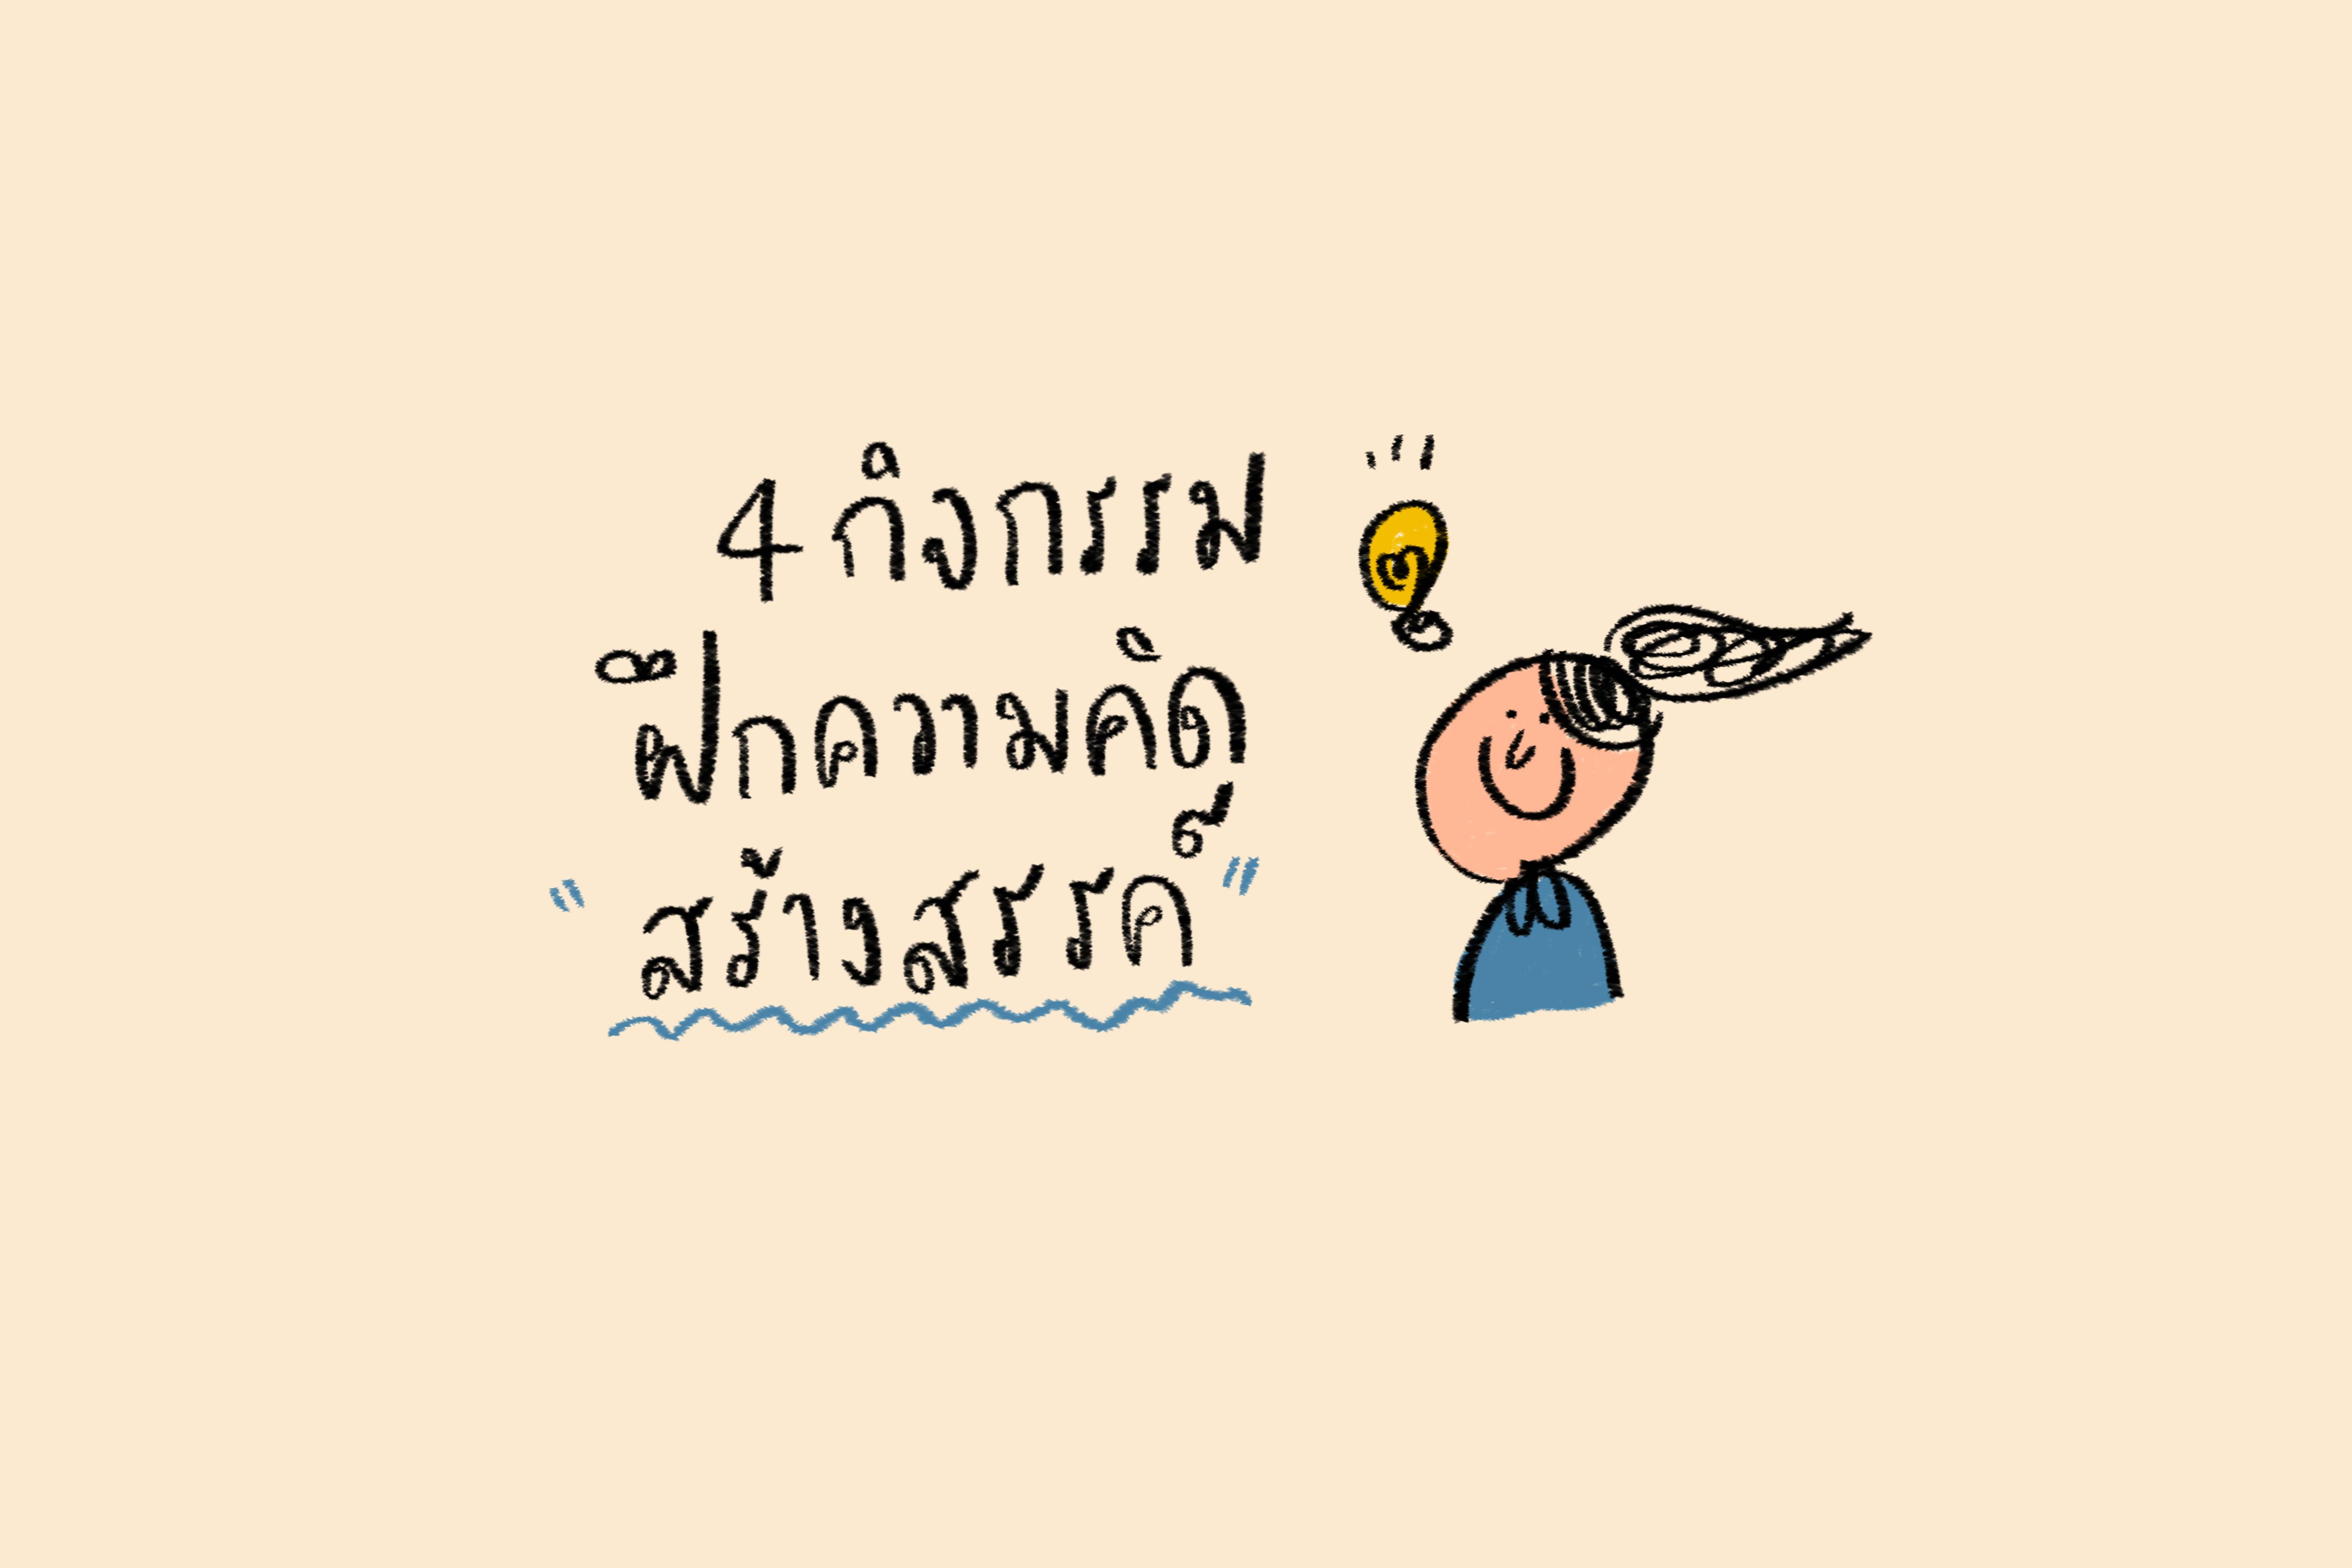 ภาพประกอบไอเดีย 4 กิจกรรม ฝึกความคิดสร้างสรรค์